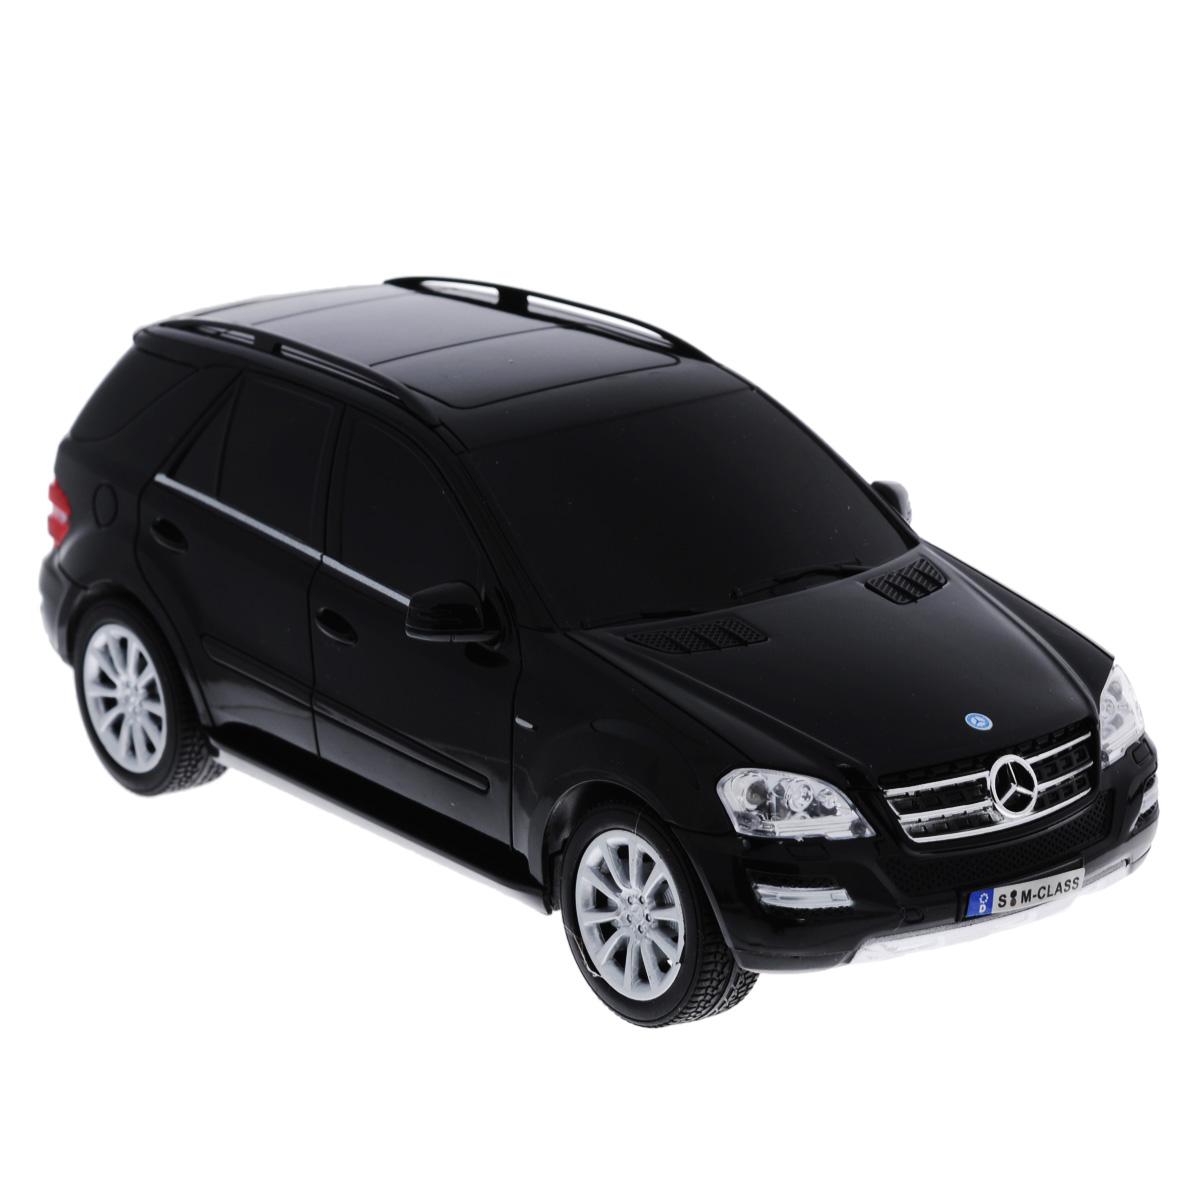 TopGear Радиоуправляемая модель Mercedes-Benz M350 цвет черный масштаб 1:18Т56689_черныйВсе мальчишки любят мощные крутые тачки! Особенно если это дорогие машины известной марки, которые, проезжая по улице, обращают на себя восторженные взгляды пешеходов. Радиоуправляемая модель TopGear Mercedes-Benz M350 - это детальная копия существующего автомобиля в масштабе 1:18. Машинка изготовлена из прочного легкого пластика; колеса прорезинены. При движении передние и задние фары машины светятся. При помощи пульта управления автомобиль может перемещаться вперед, дает задний ход, поворачивает влево и вправо, останавливается. Встроенные амортизаторы обеспечивают комфортное движение. В комплект входят машинка и пульт управления. Автомобиль отличается потрясающей маневренностью и динамикой. Ваш ребенок часами будет играть с моделью, устраивая захватывающие гонки. Машина работает от сменного аккумулятора (входит в комплект). Для работы пульта управления необходимо докупить 2 батарейки типа АА (товар комплектуется демонстрационными).